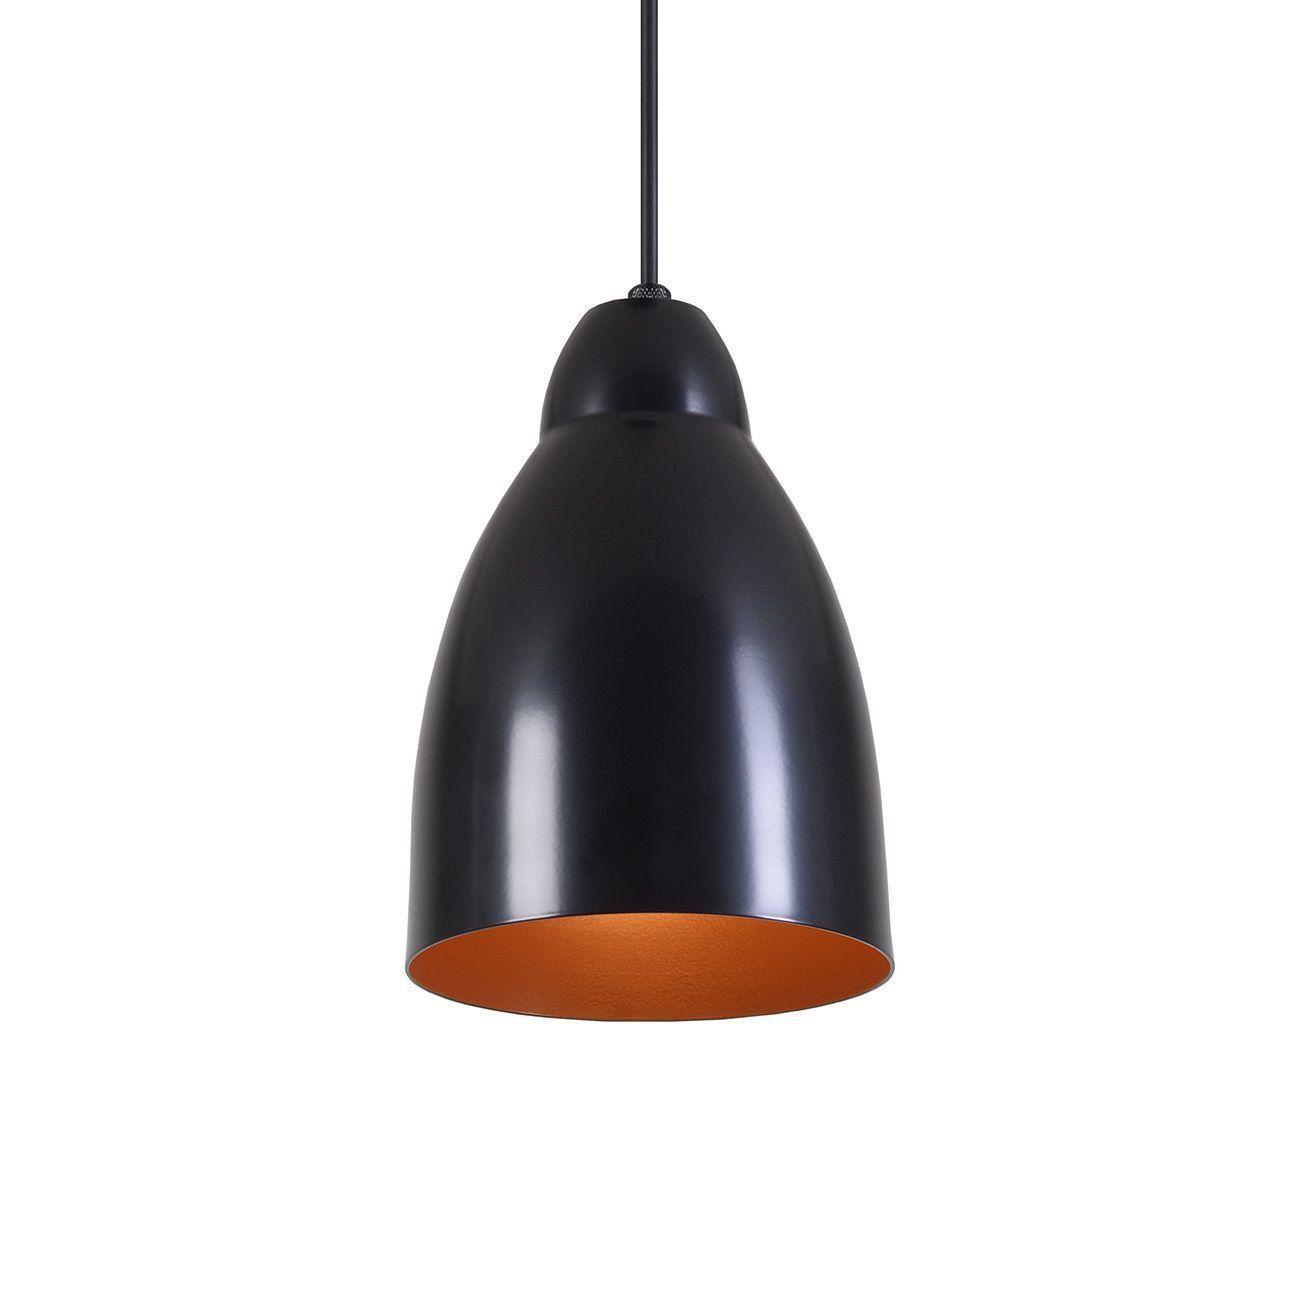 Pendente Bala Luminária Lustre Alumínio Preto Fosco C/ Cobre - Rei Da Iluminação